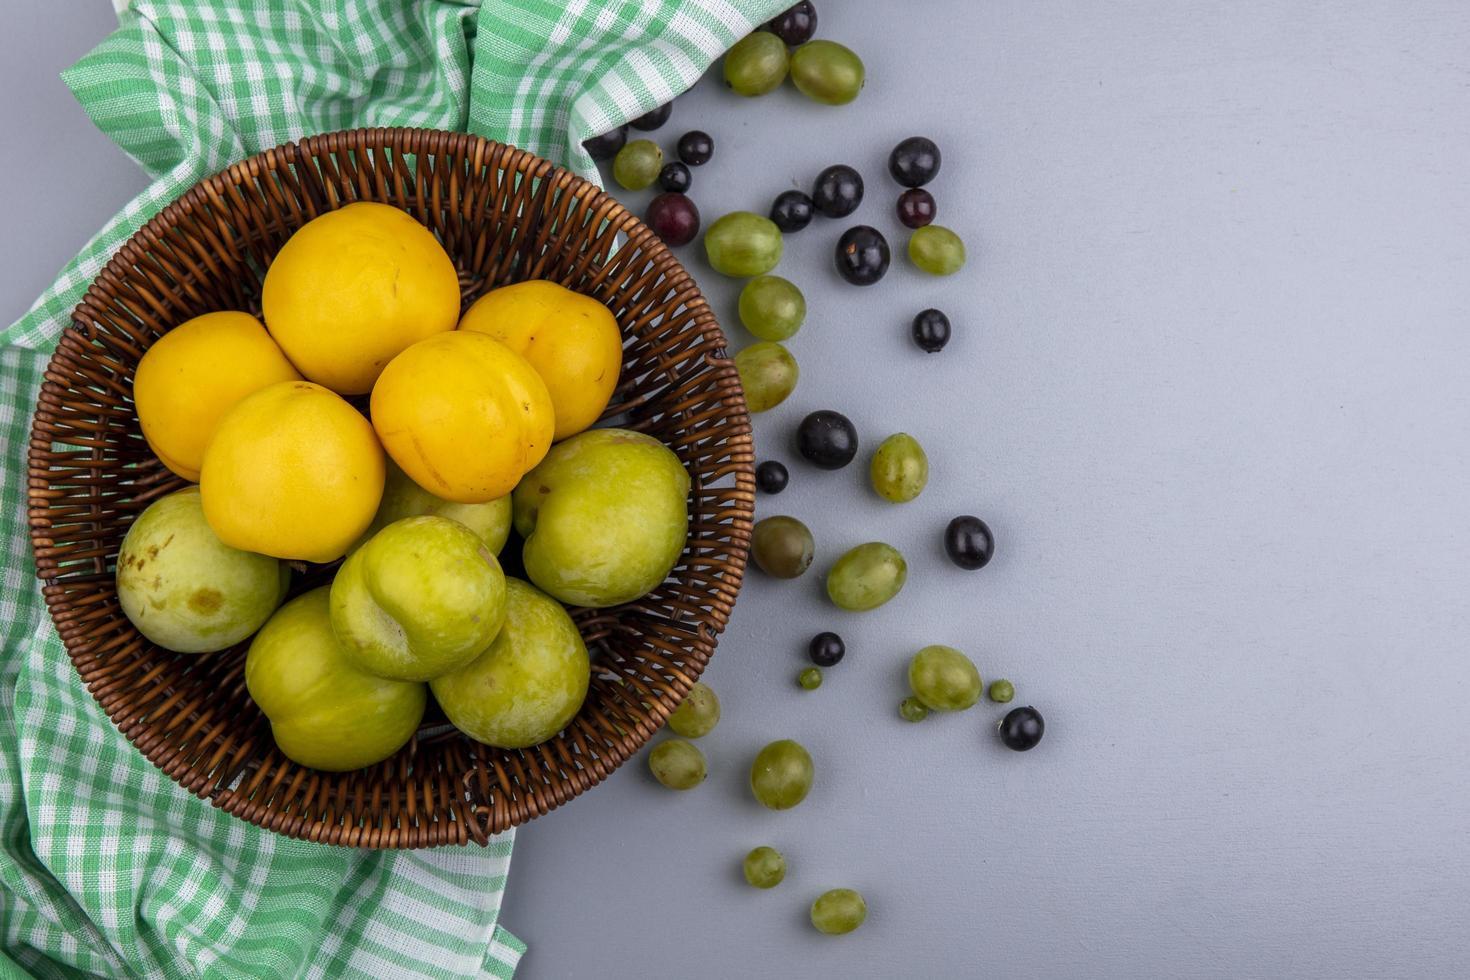 geassorteerde fruit in een mand op geruite doek met kopie ruimte foto